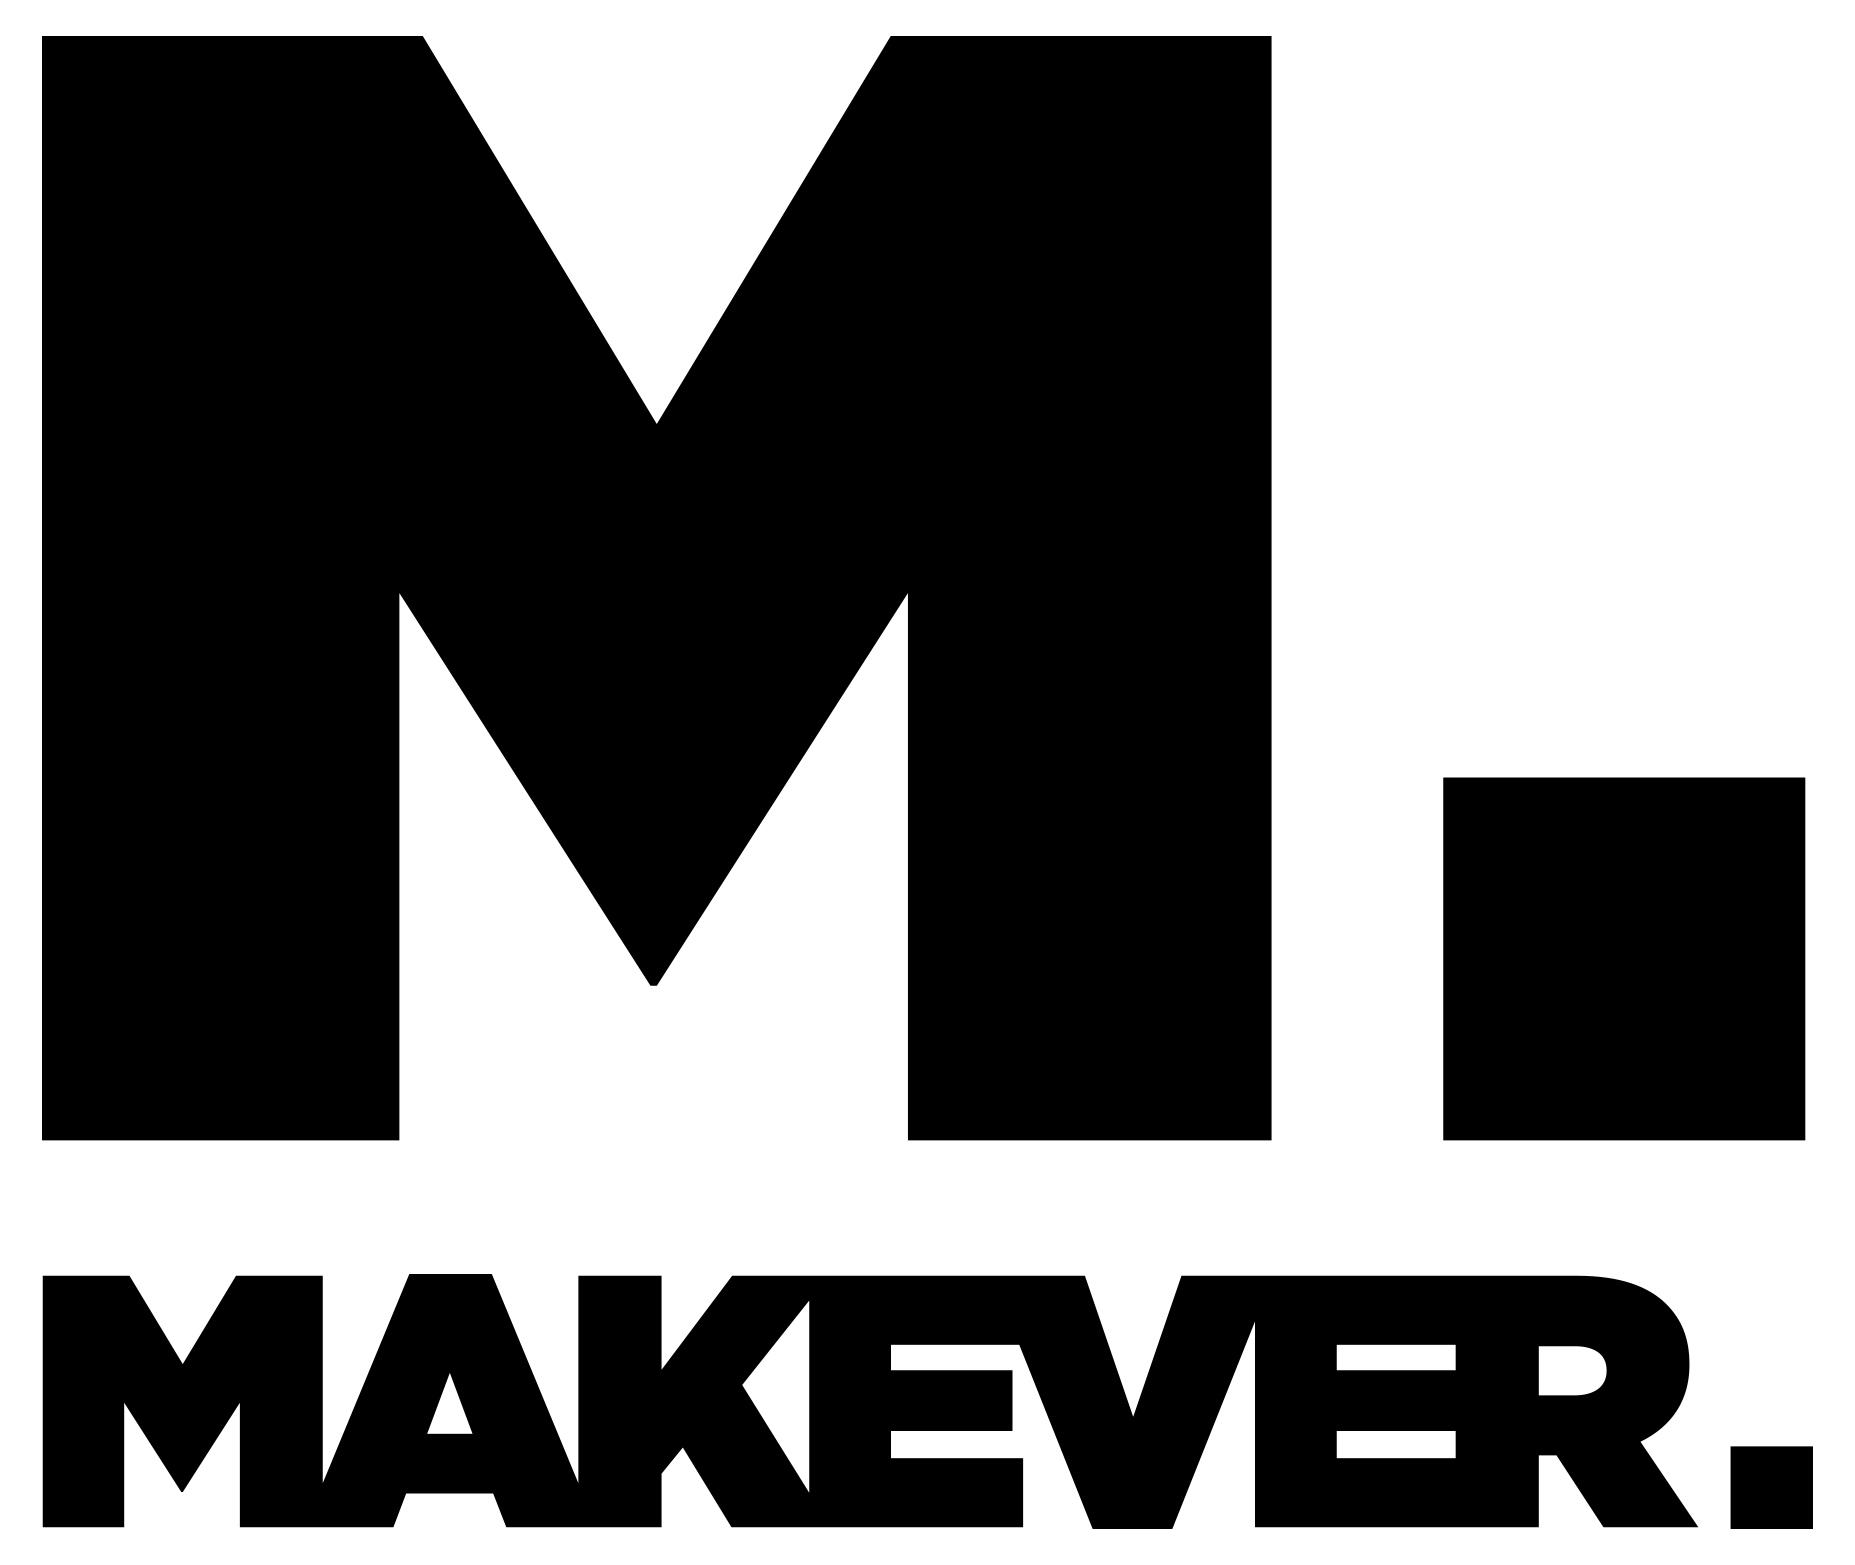 Makever.